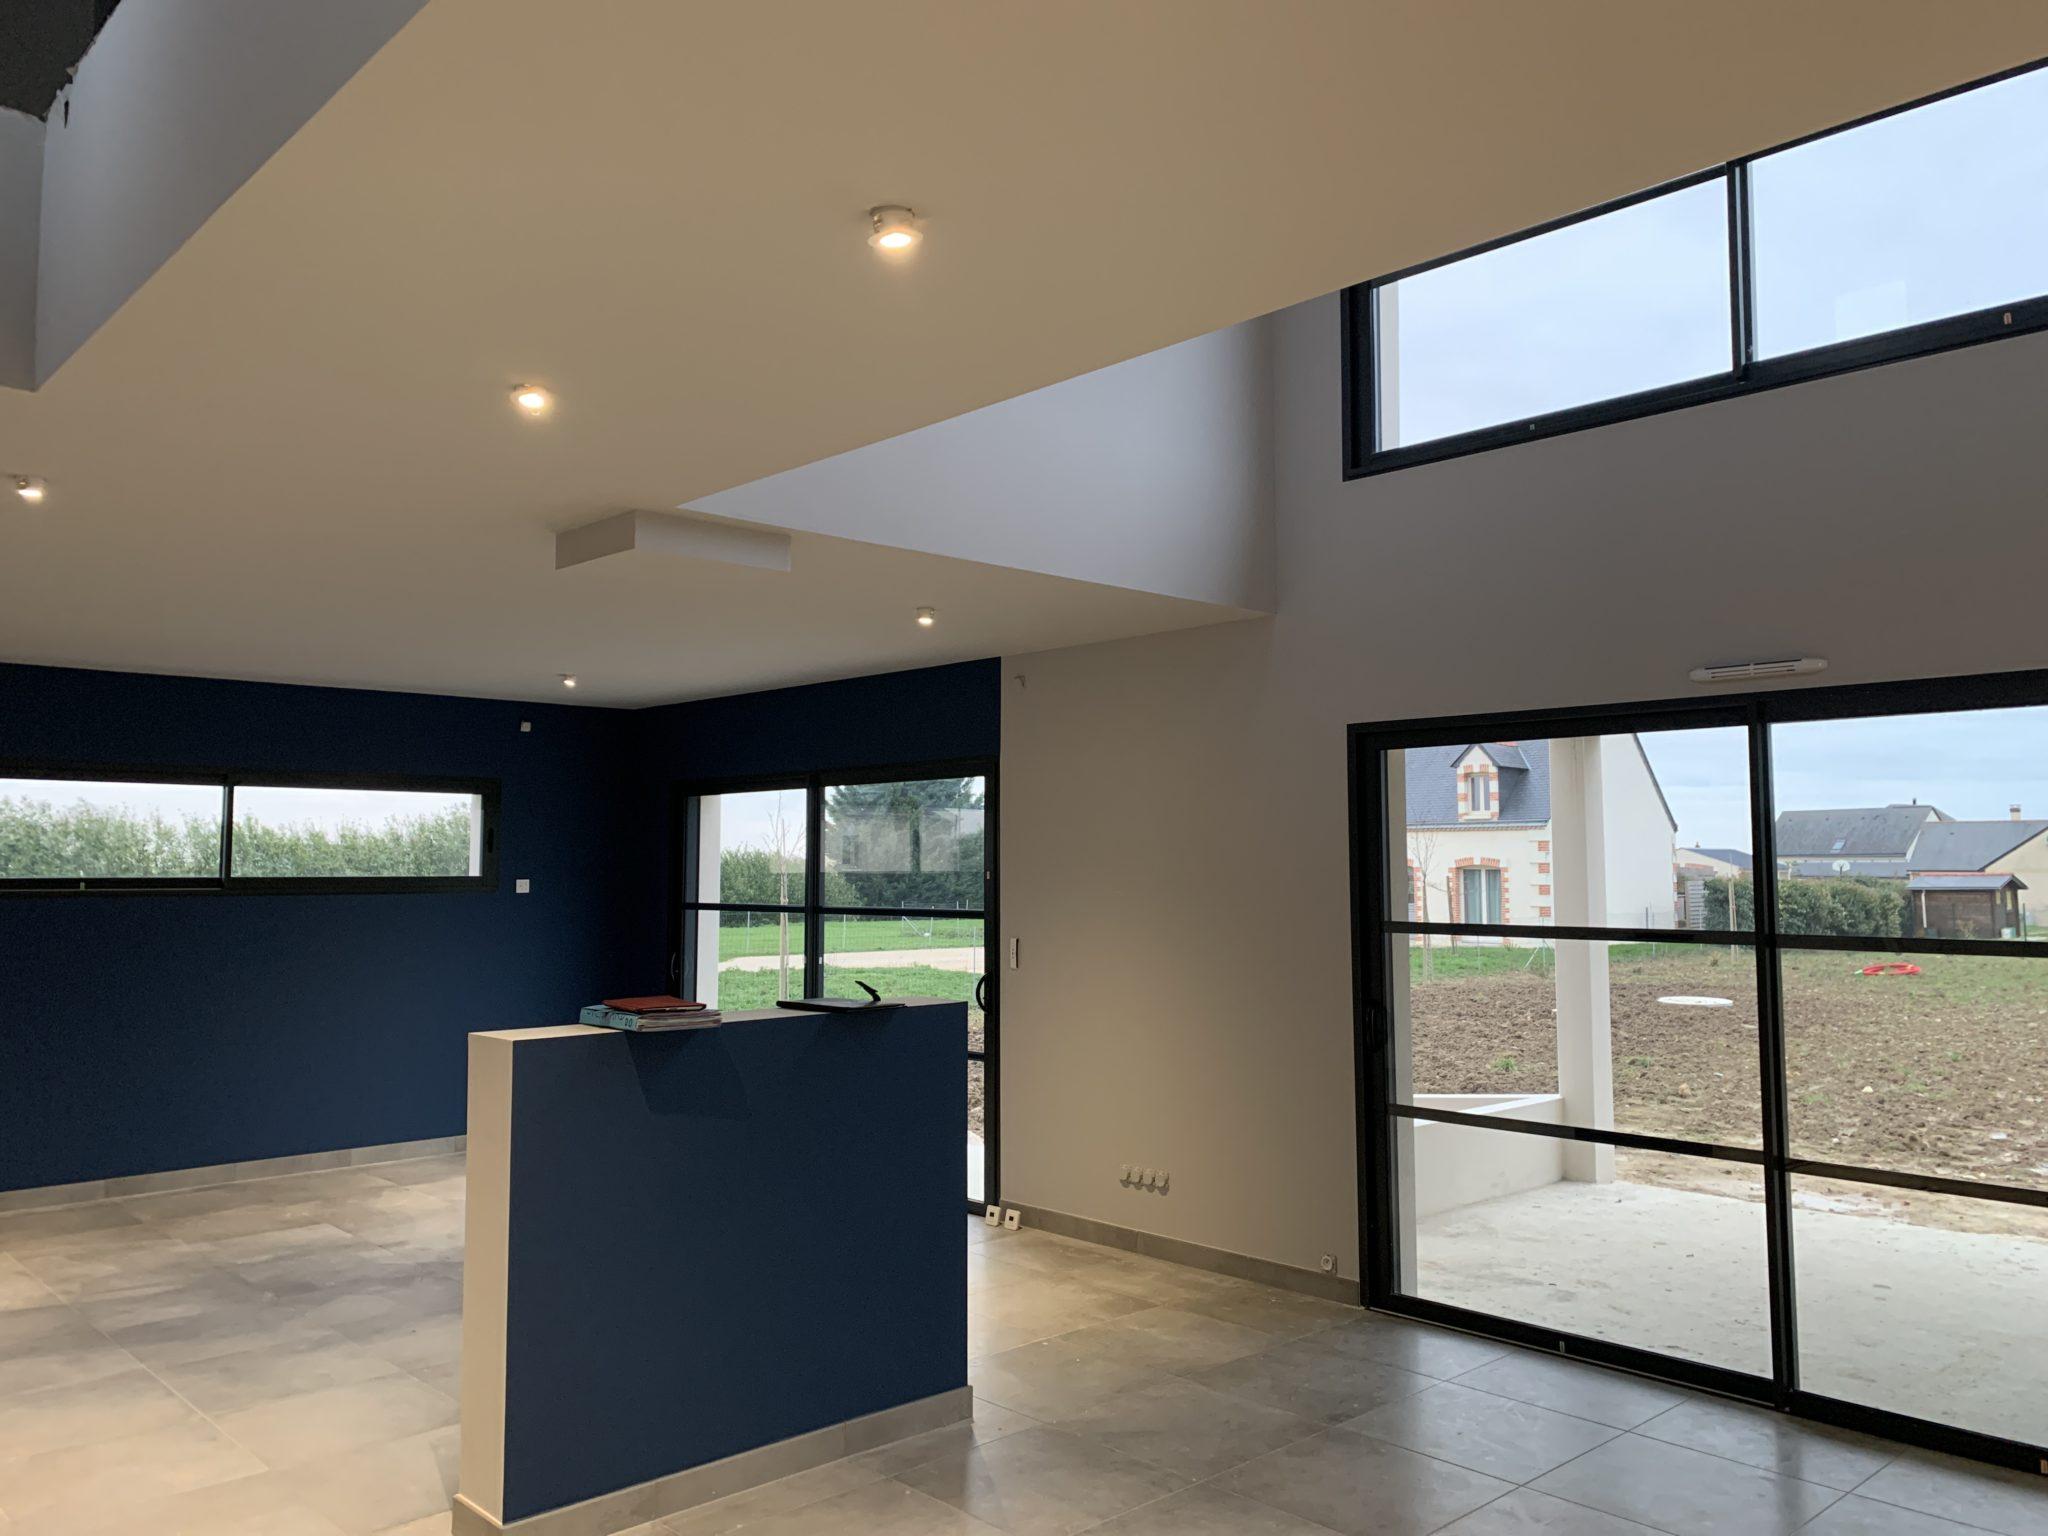 Maisons Loire Construction IMG 2601 95